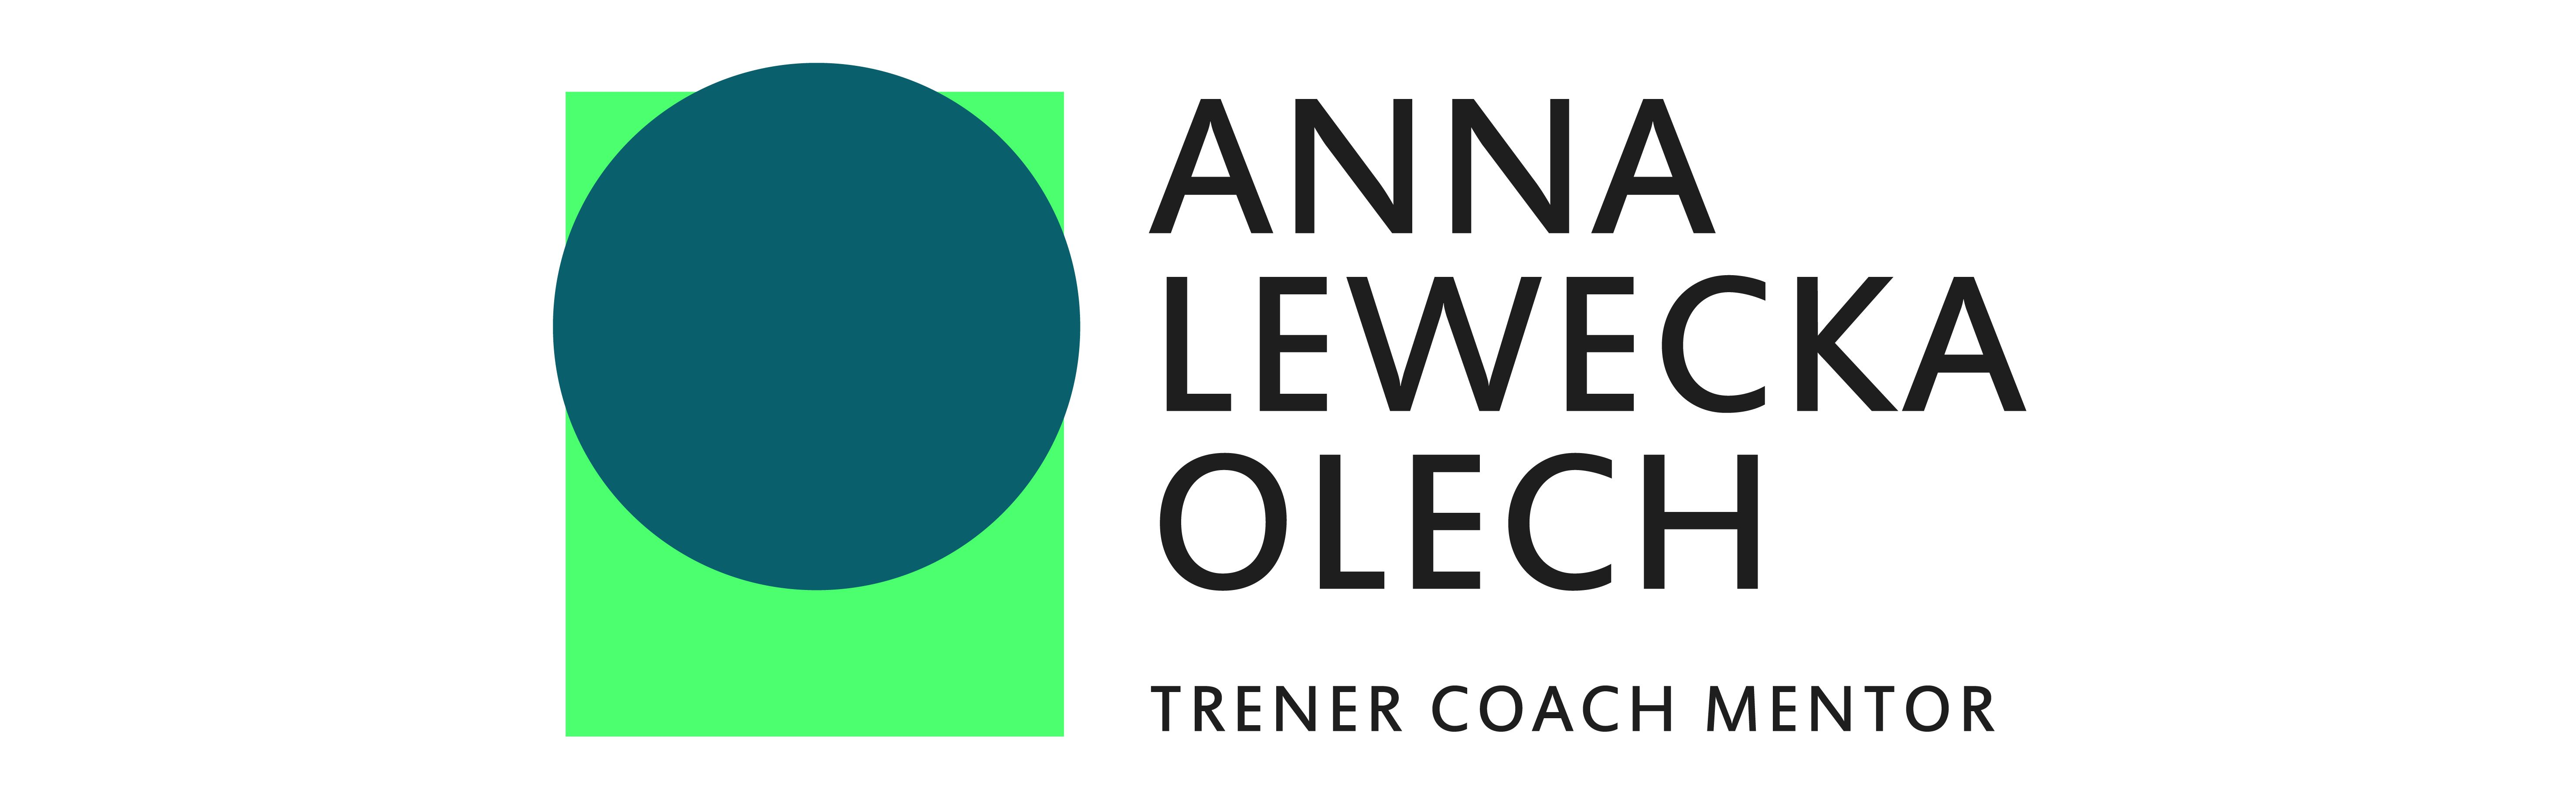 annaleweckaolech.pl